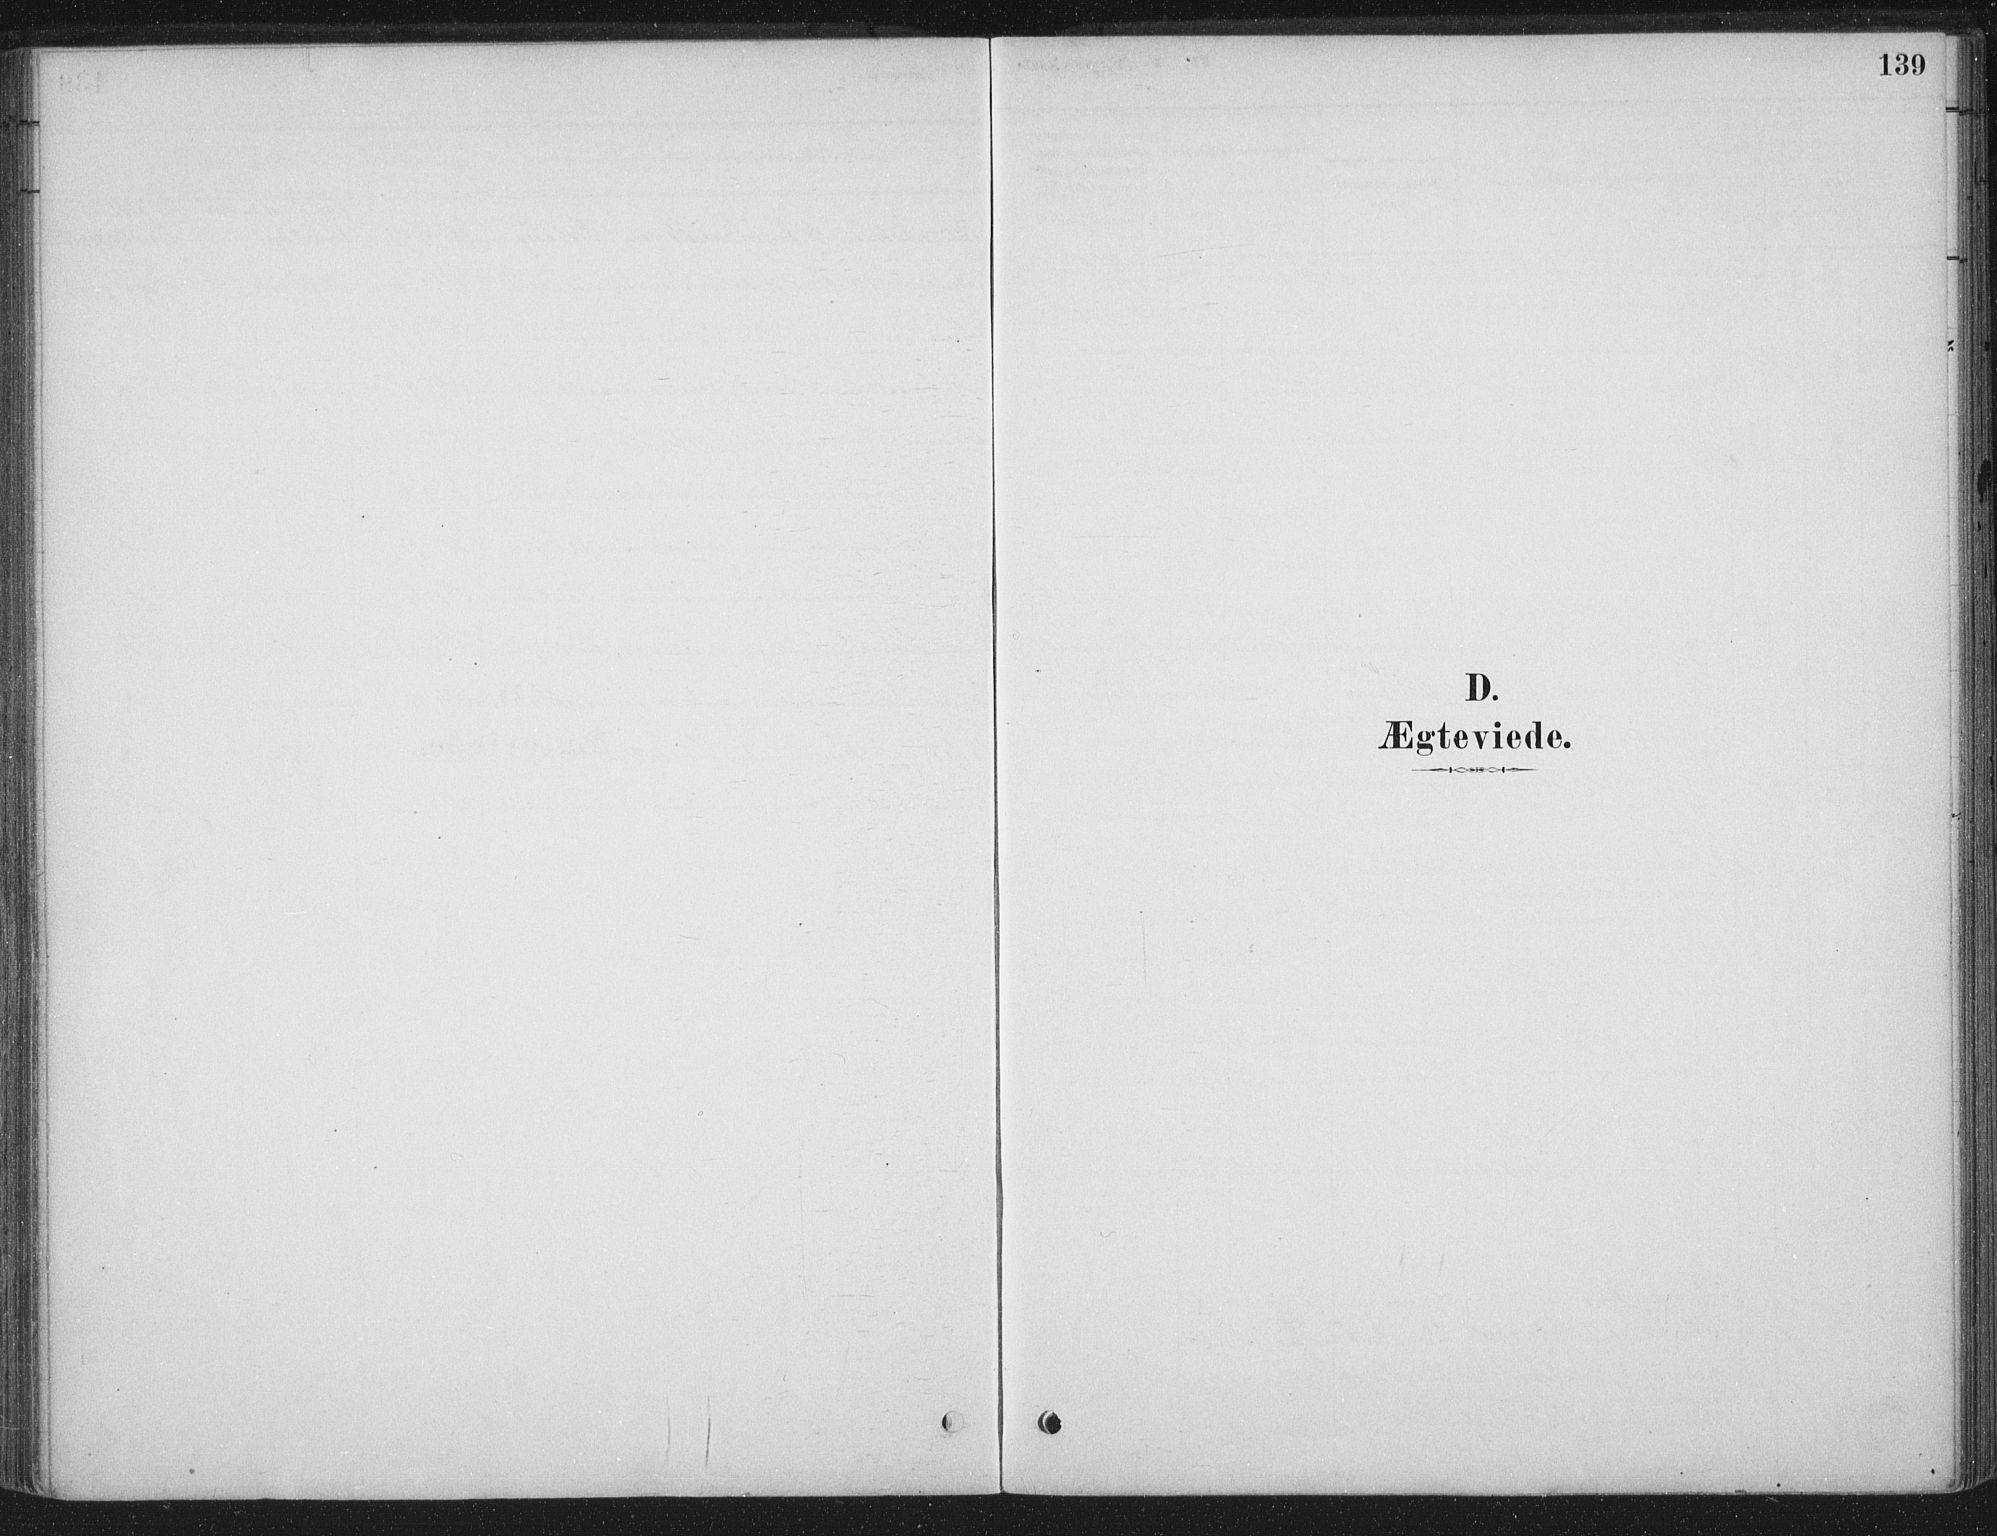 SAT, Ministerialprotokoller, klokkerbøker og fødselsregistre - Sør-Trøndelag, 662/L0755: Ministerialbok nr. 662A01, 1879-1905, s. 139